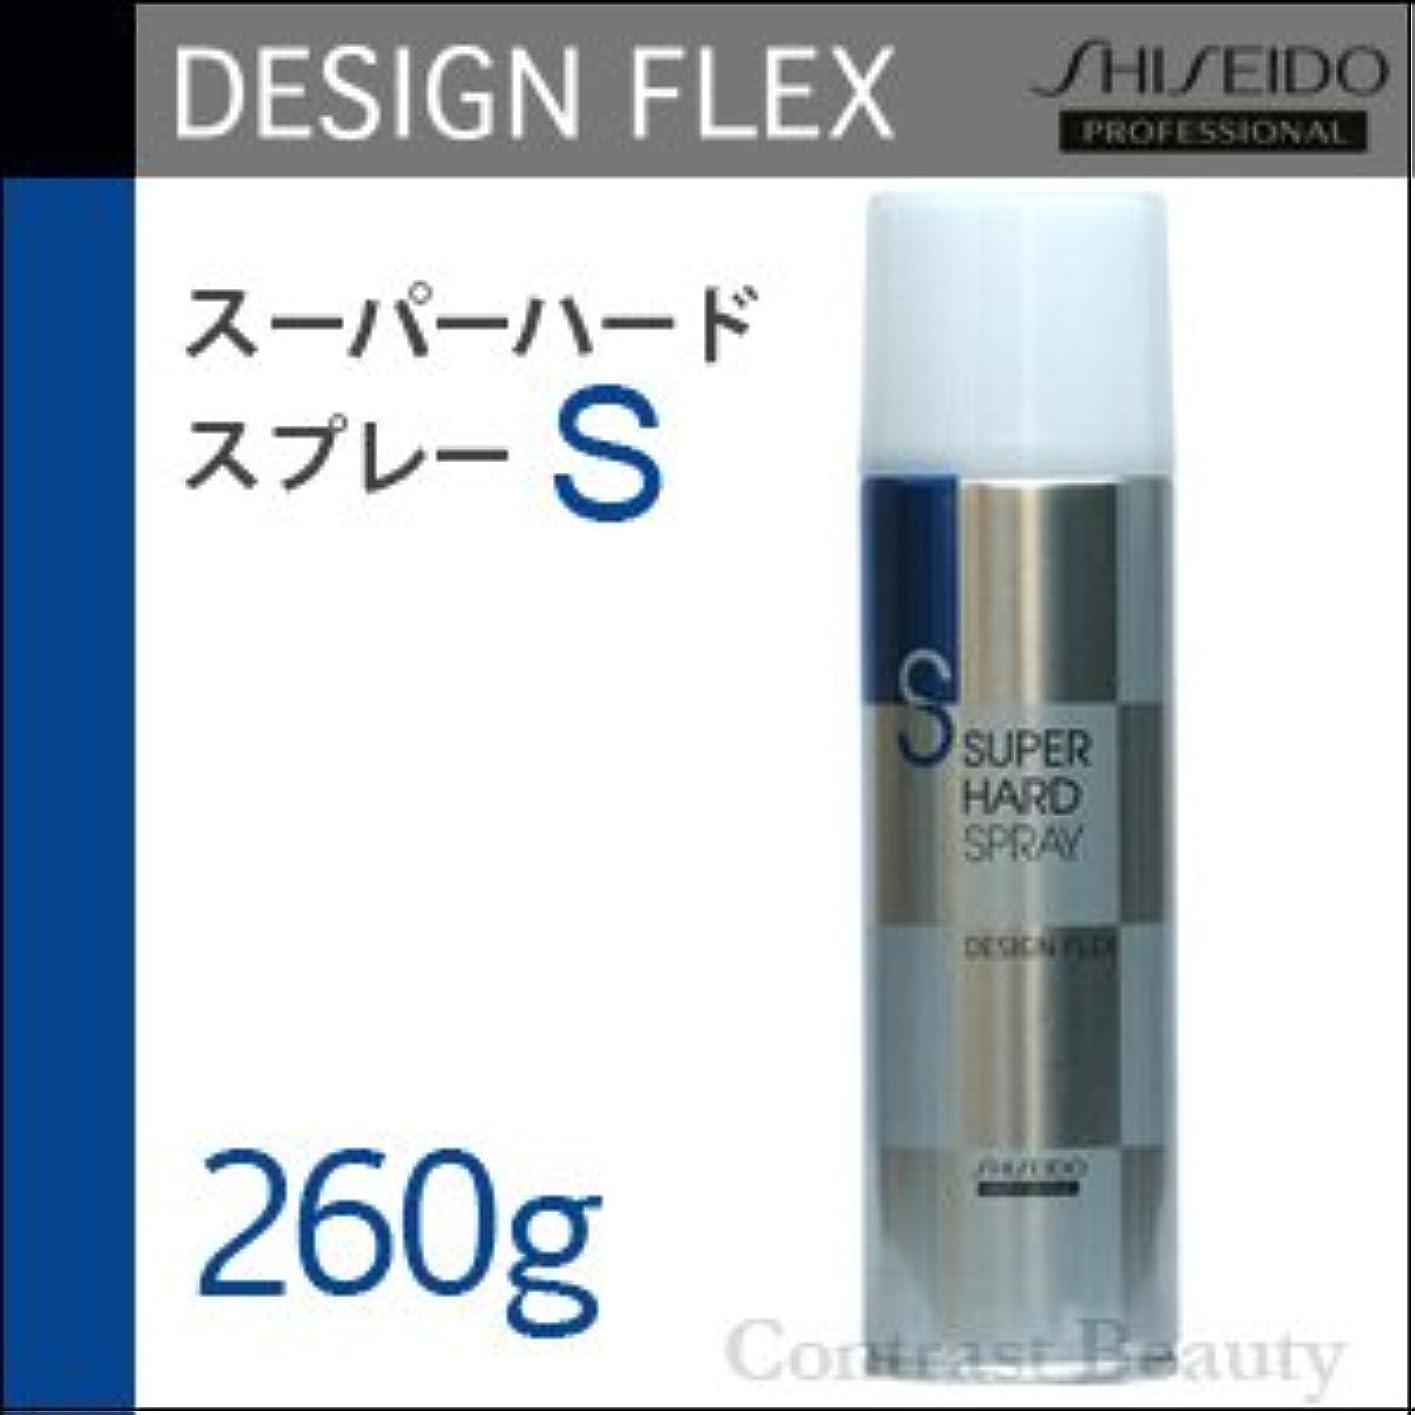 インディカオーラルカーフ【x3個セット】 資生堂 デザインフレックス スーパーハードスプレー 260g